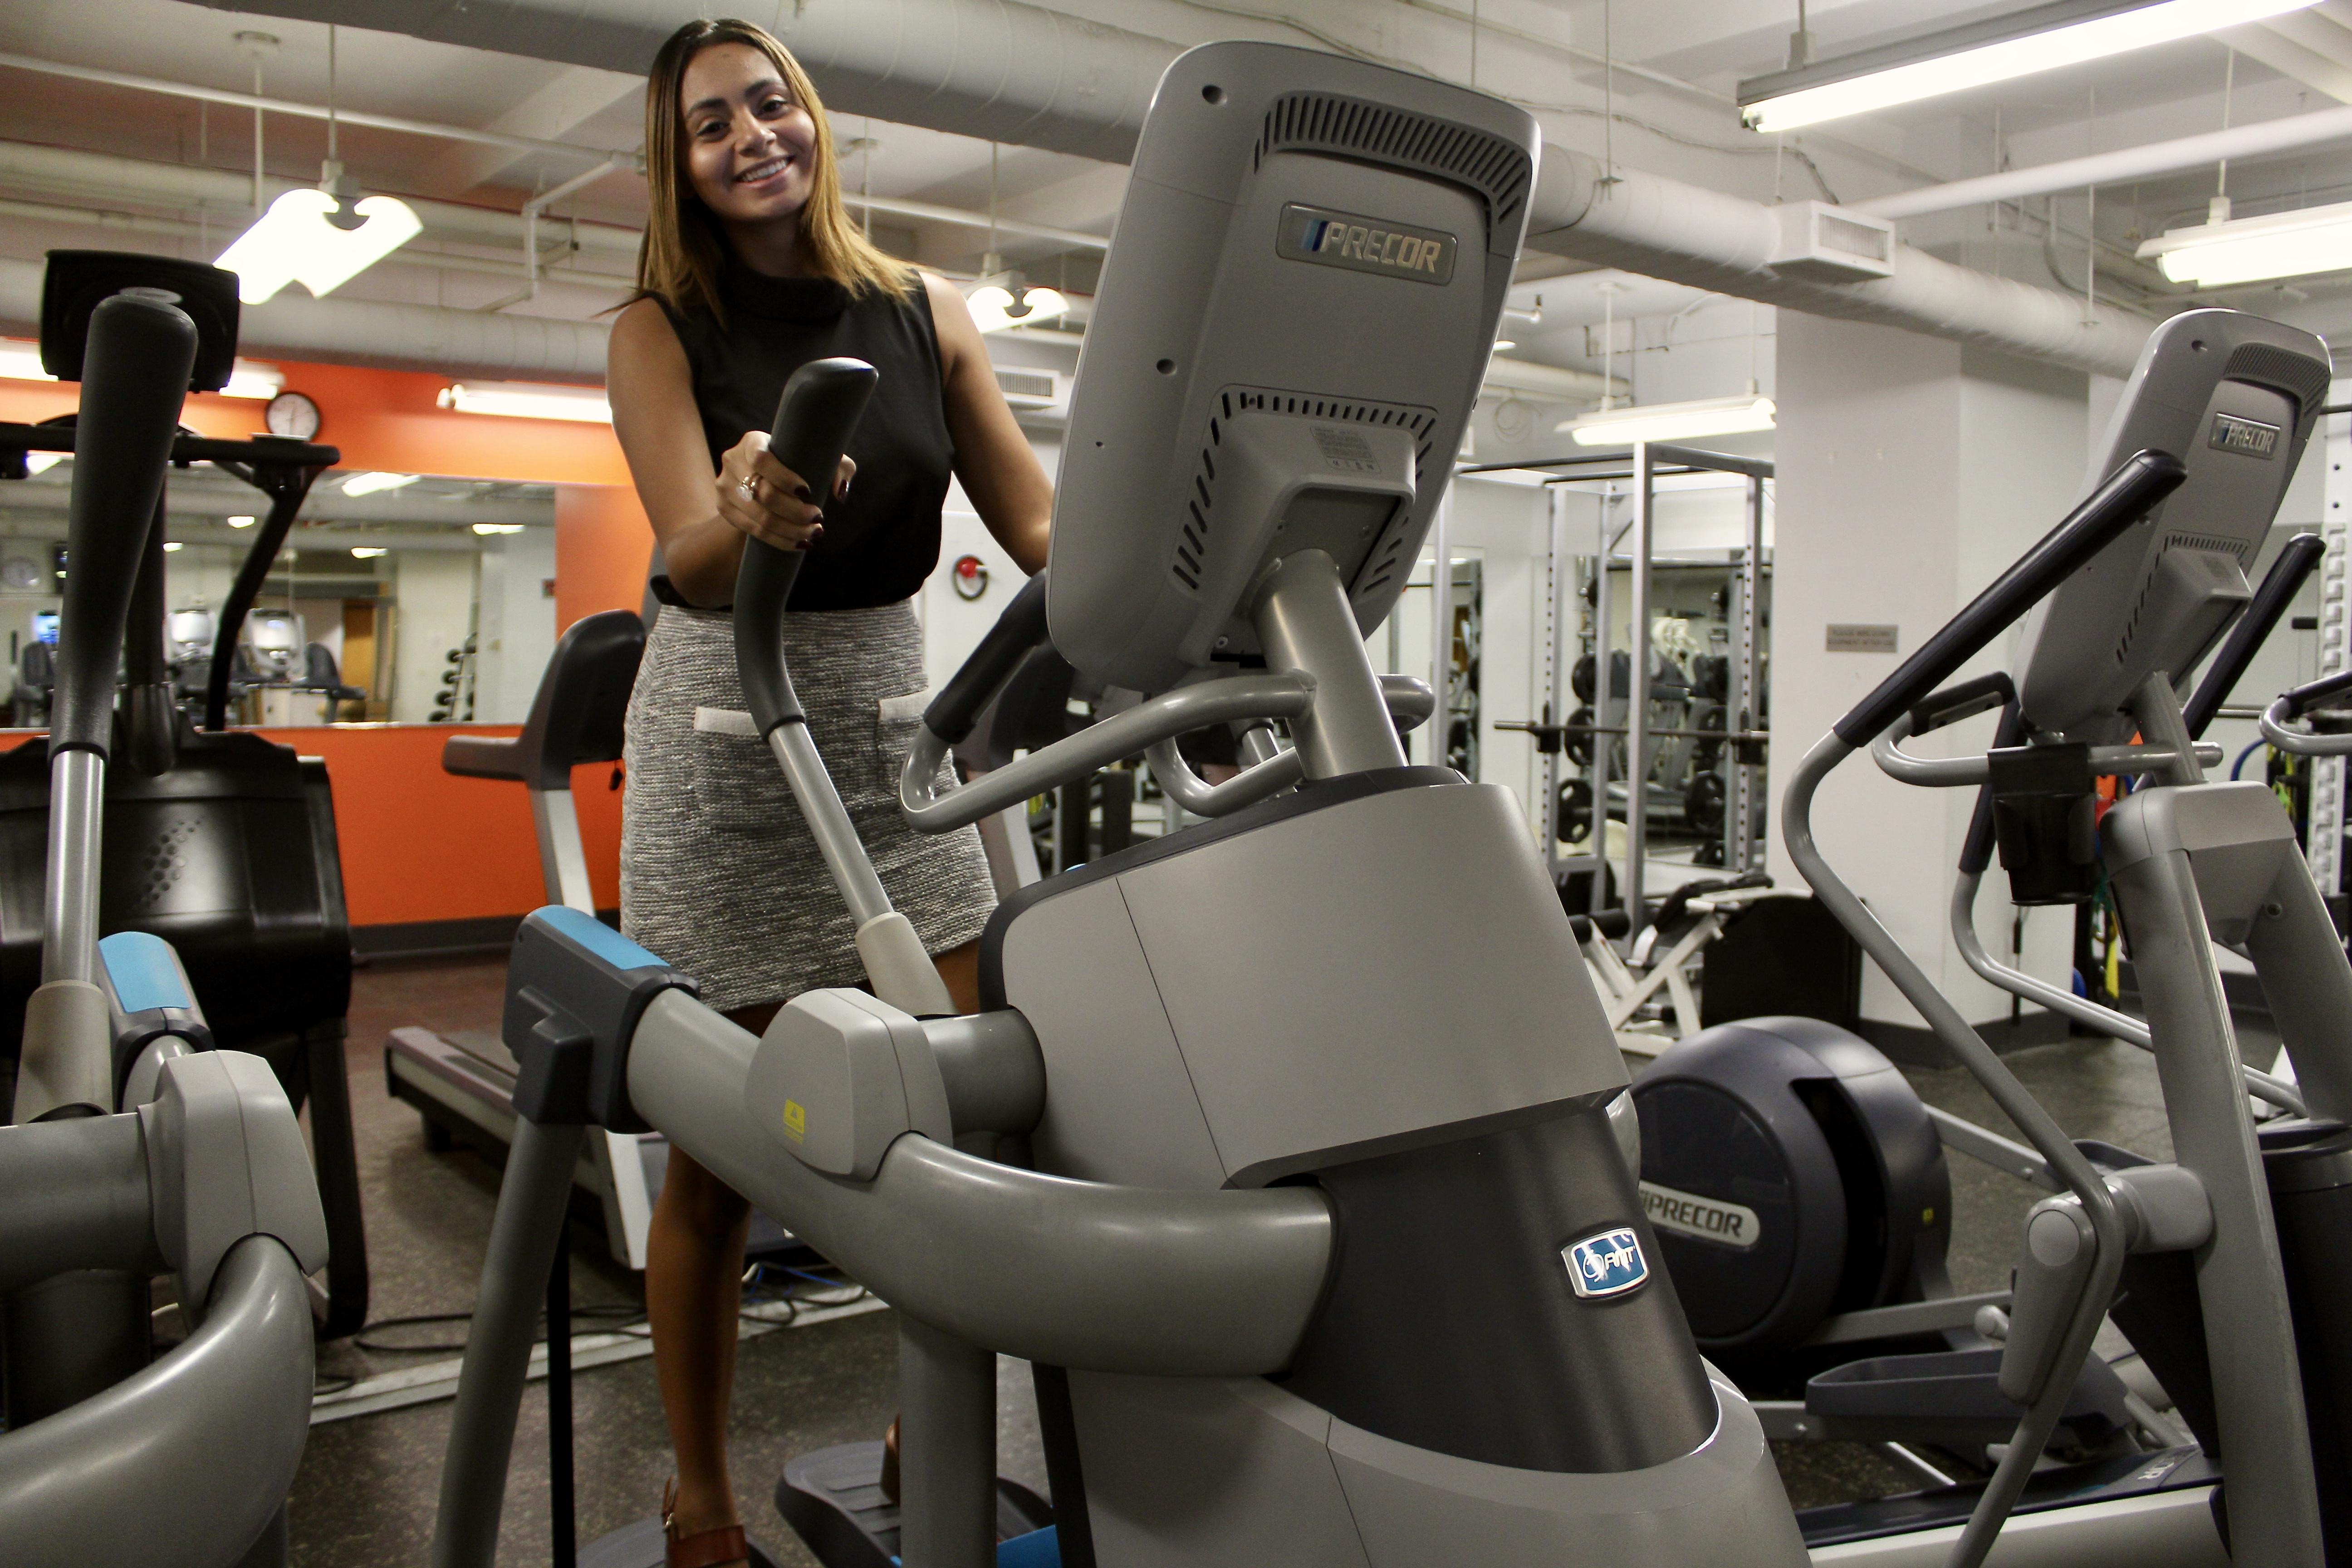 Priscilla Mercado on treadmill